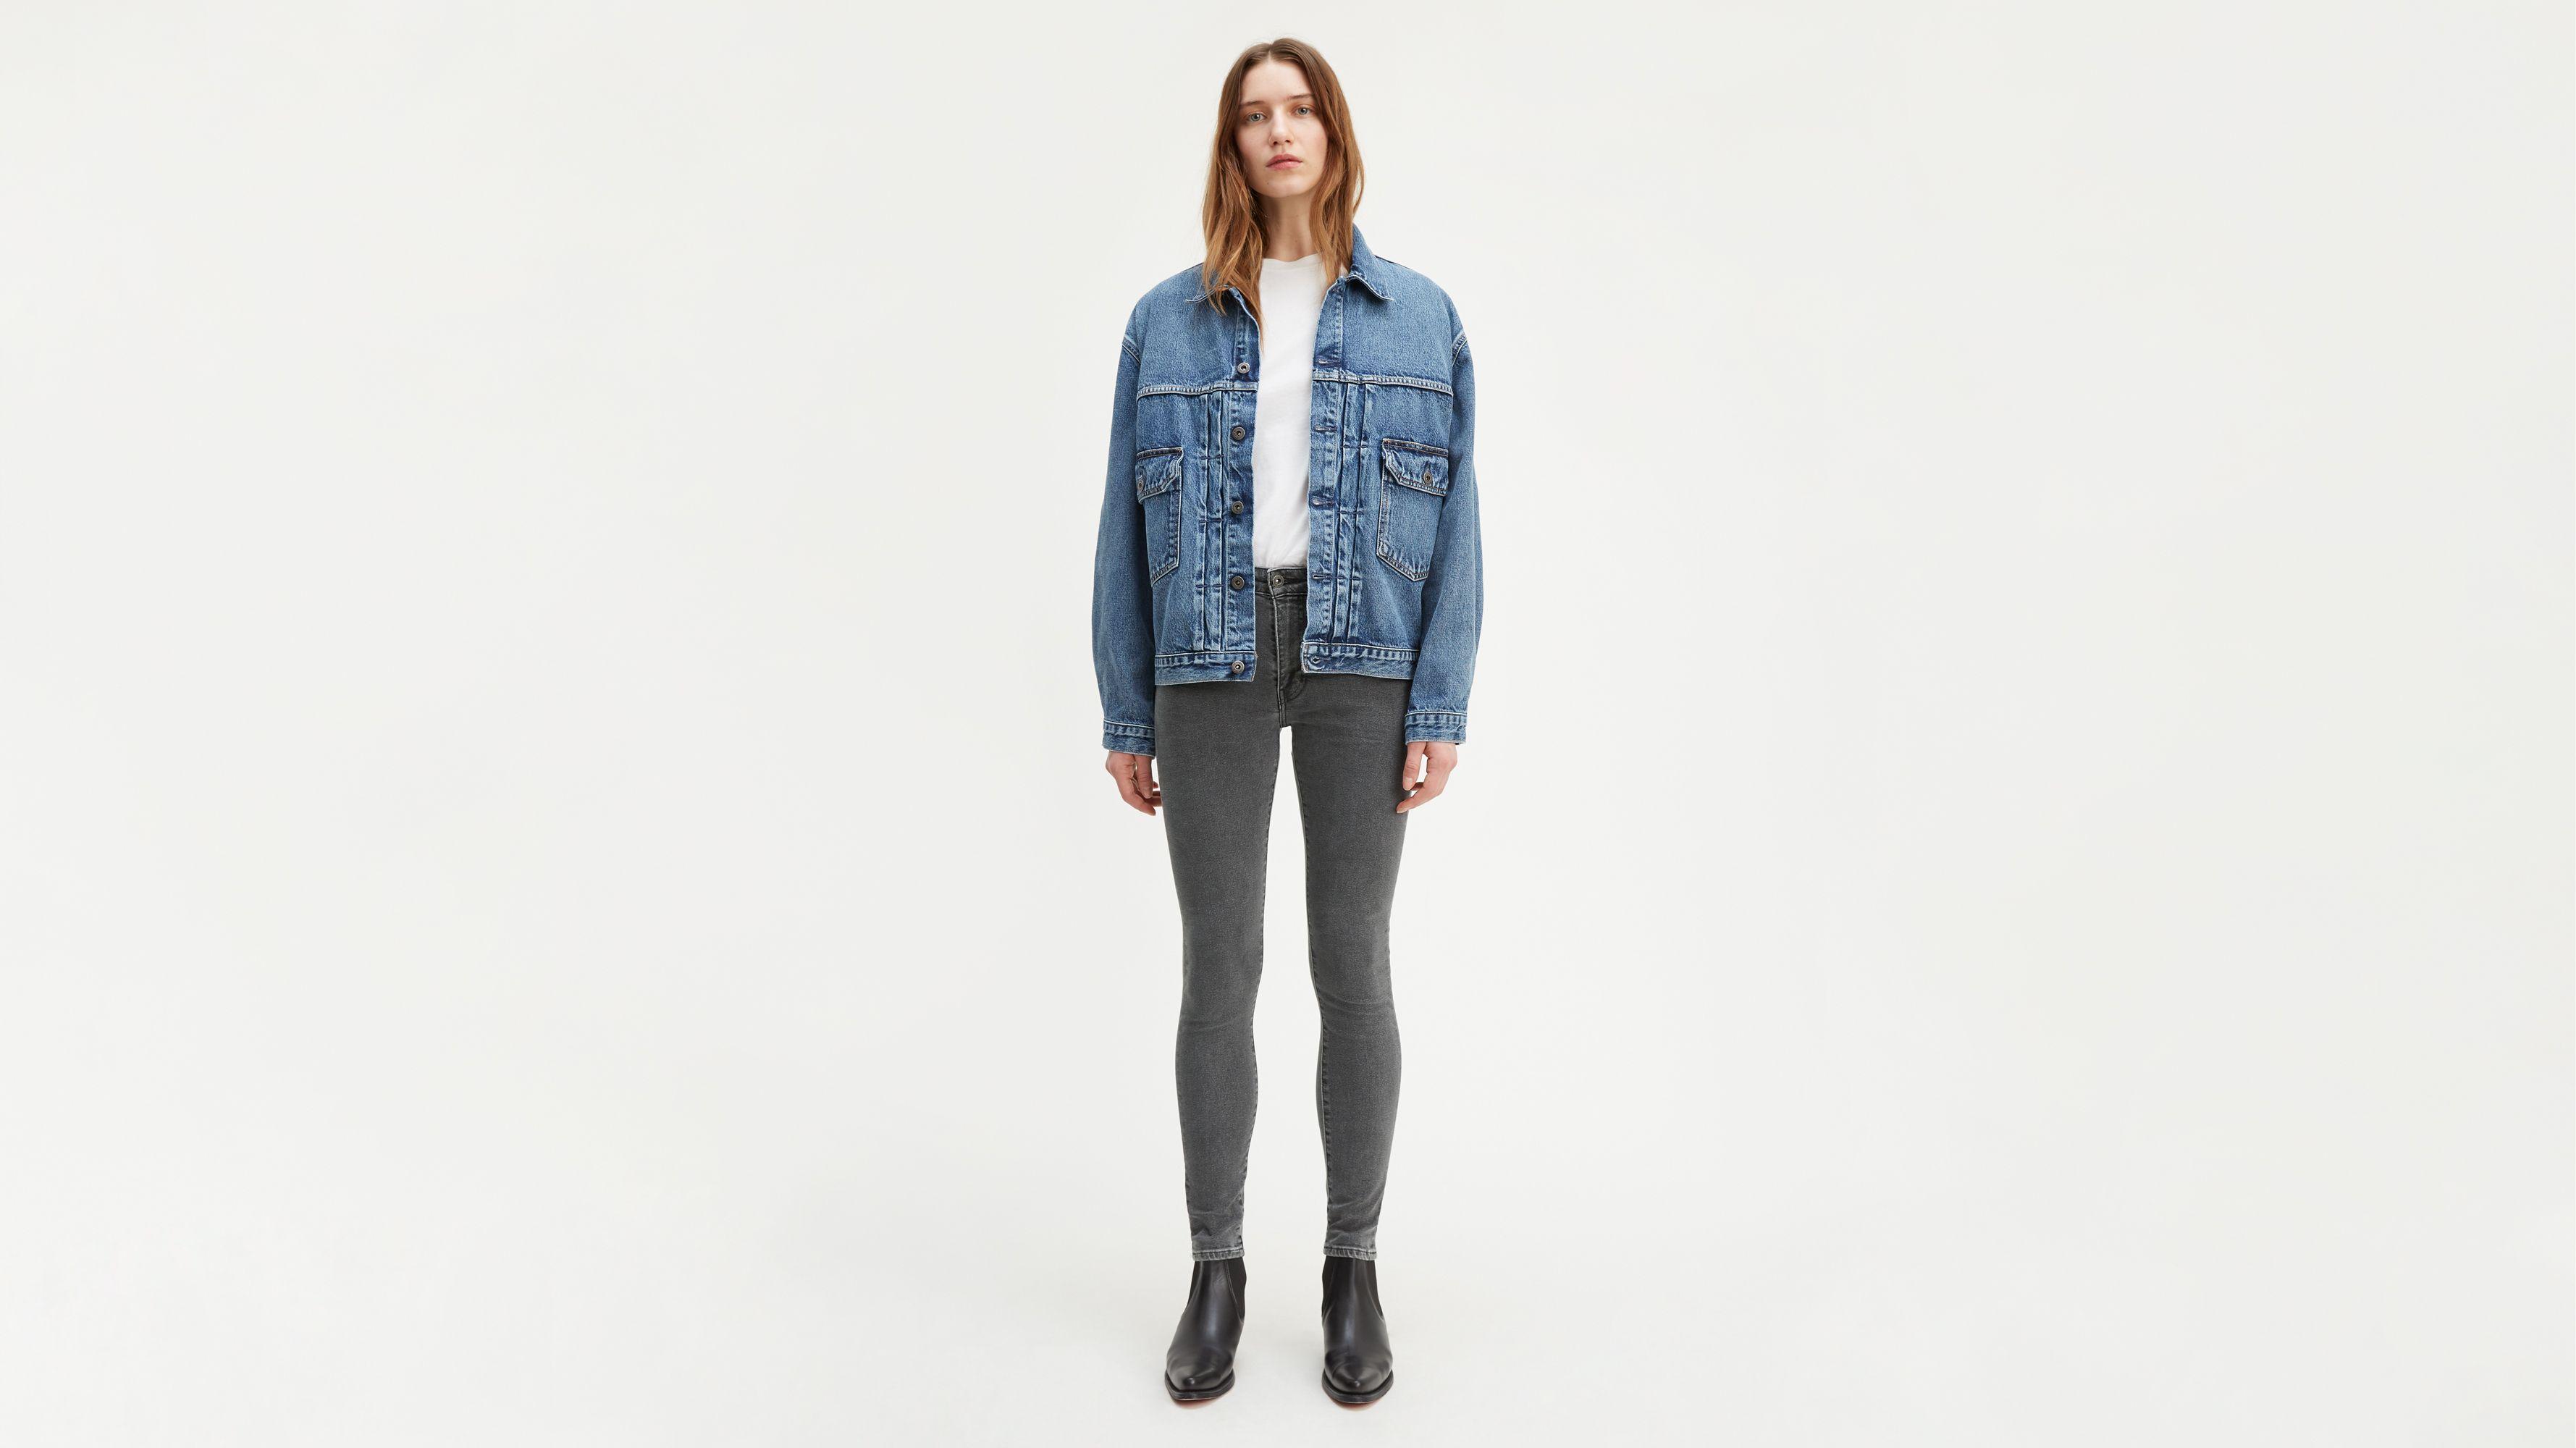 Femmes: vêtements Femme Rouge Taille 8 Jeans Jeans